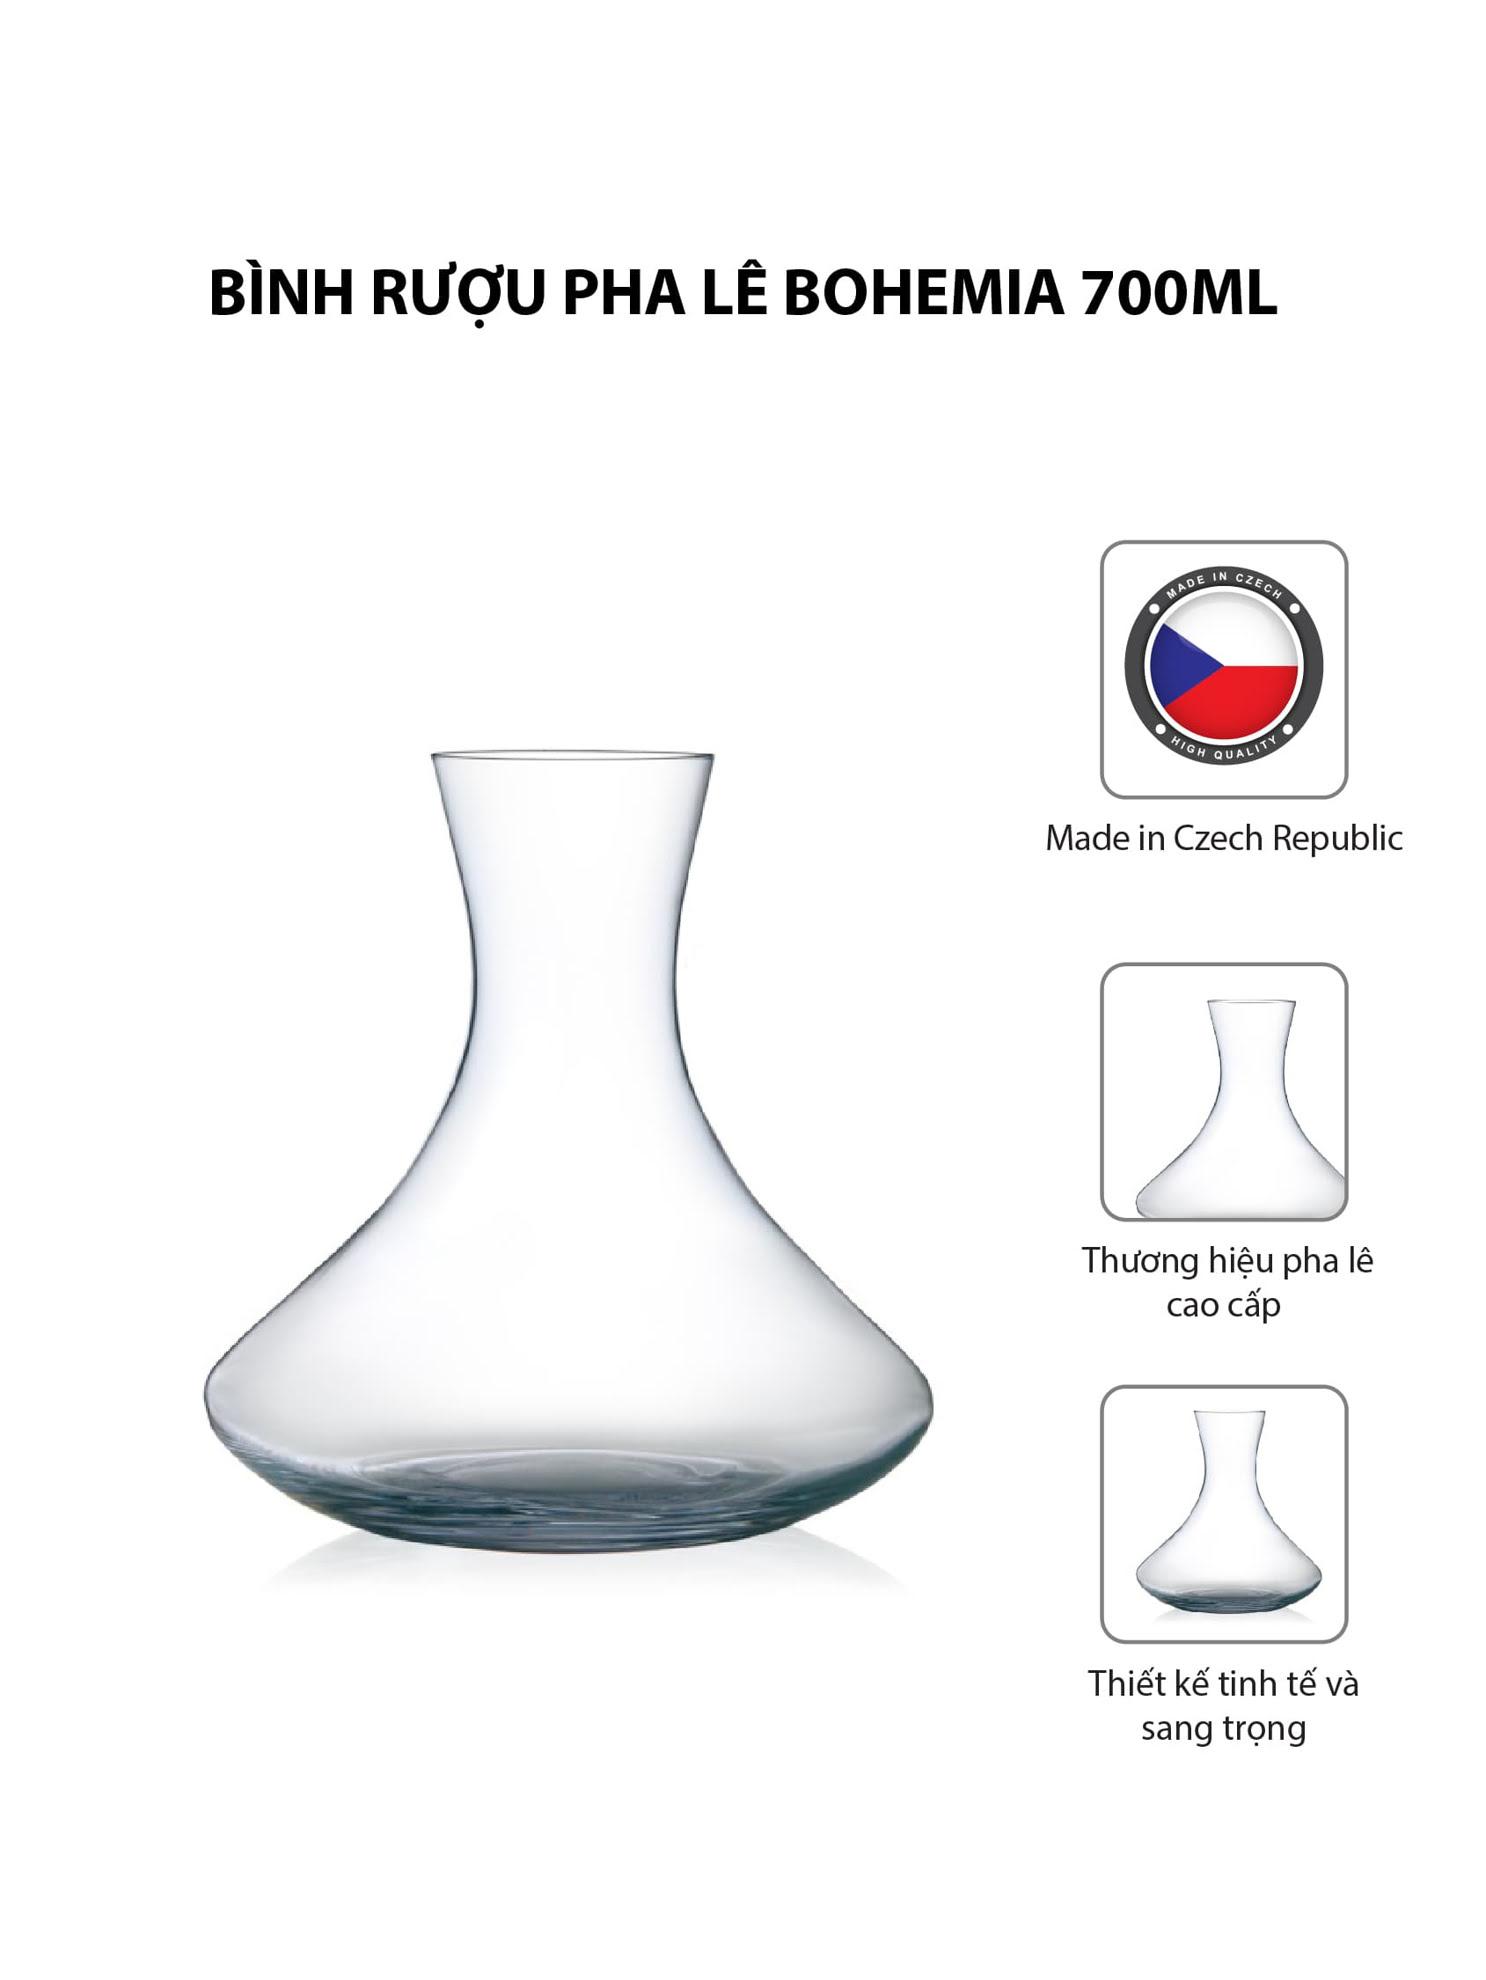 Bình rượu pha lê Bohemia 700ml